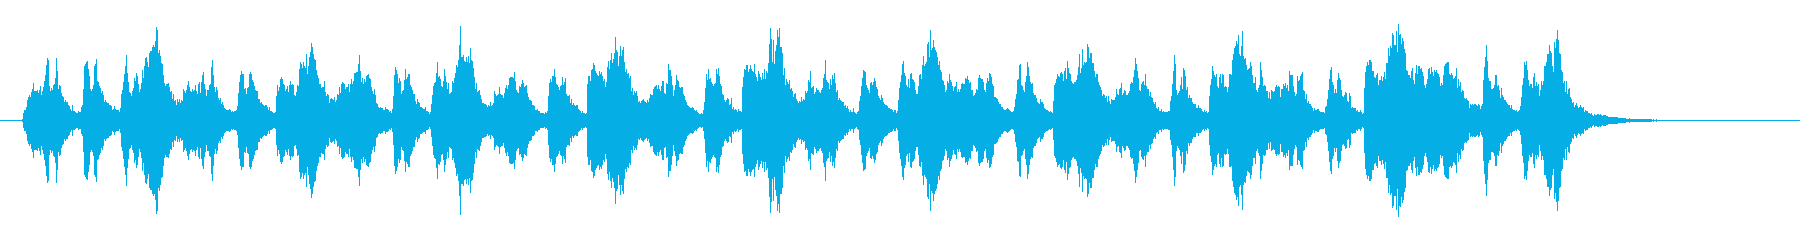 浮遊感のあるアナログ・シンセサウンドの再生済みの波形